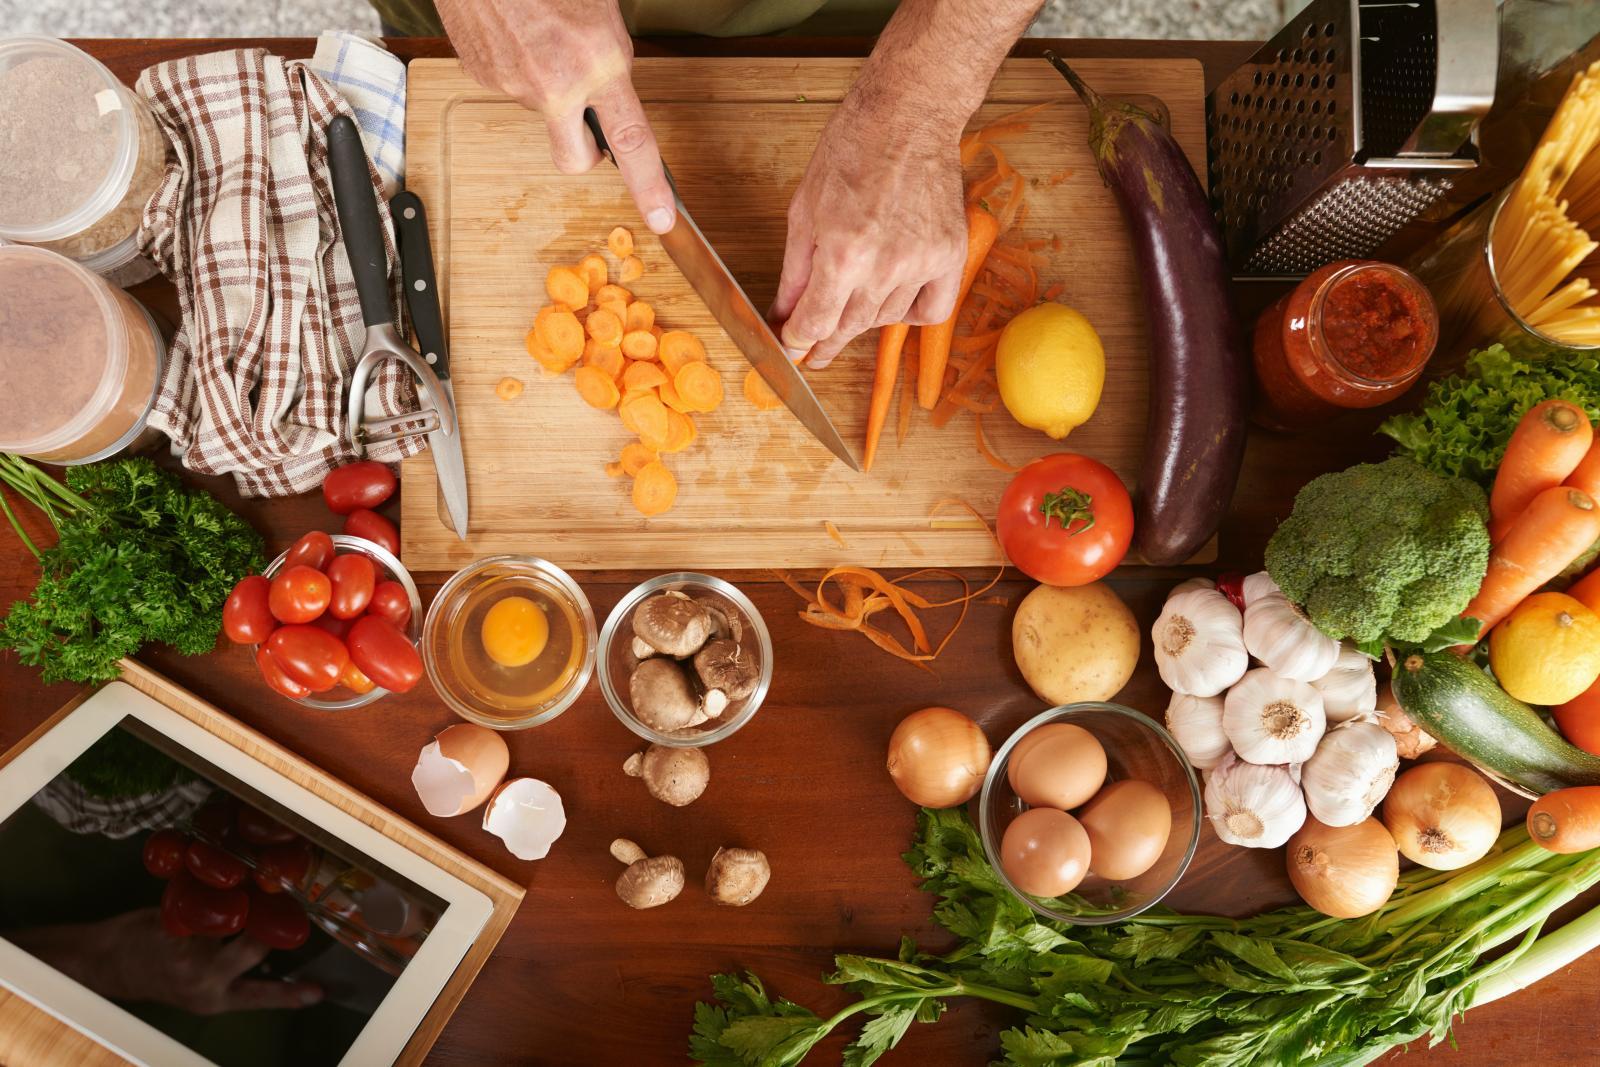 【高雄烹飪教室推薦】從異國料理到家常菜色,4間熱門高雄廚藝課程整理